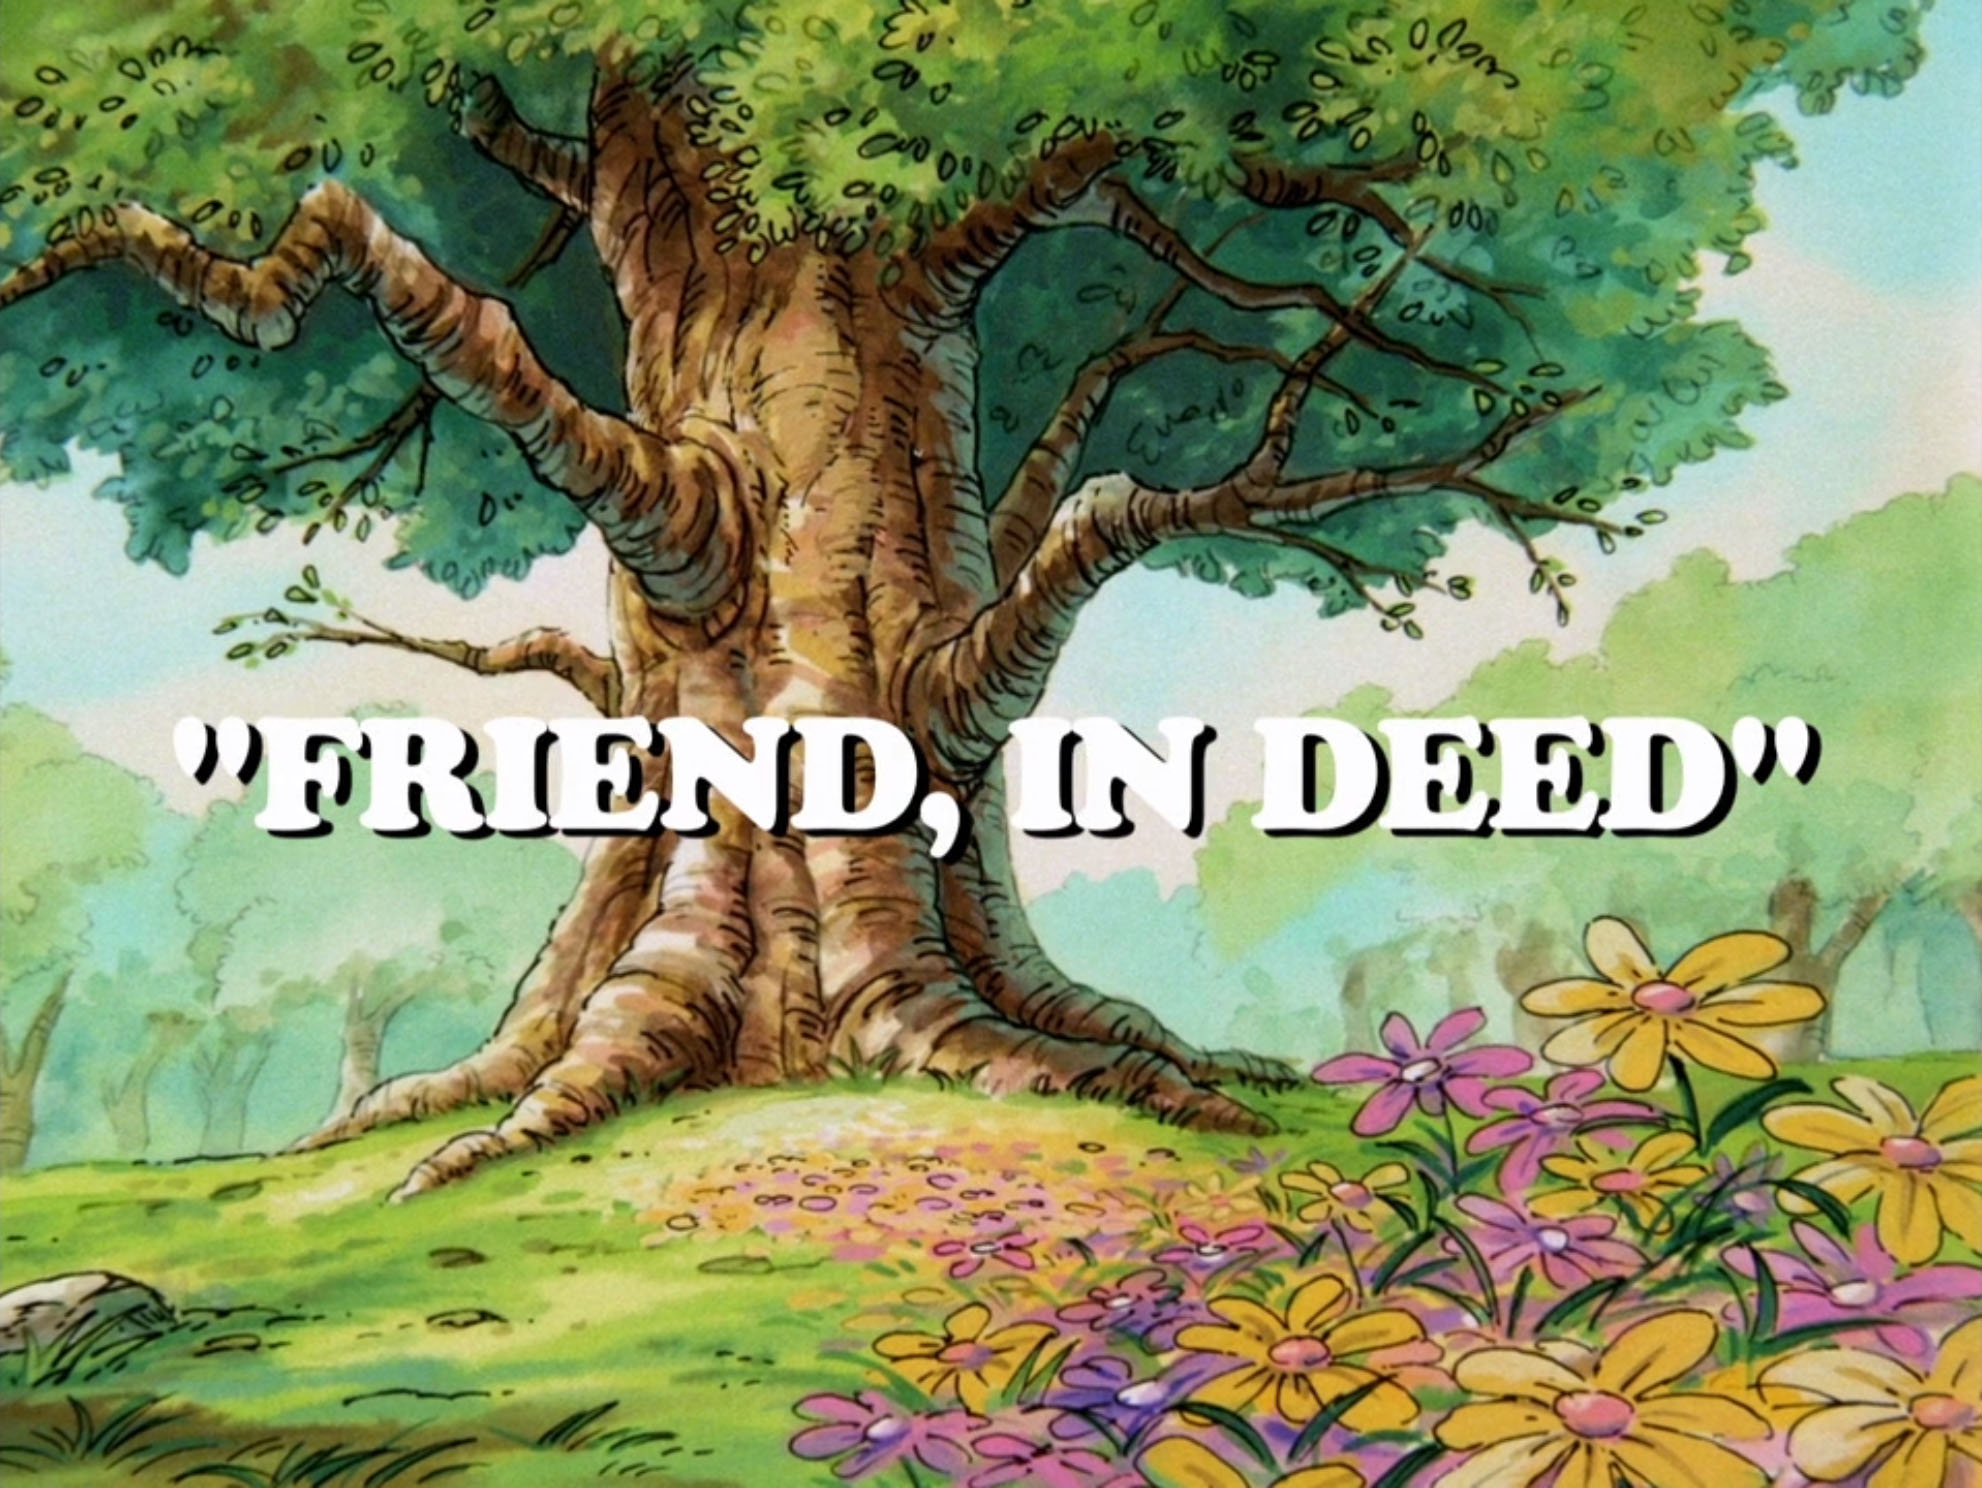 File:Friend In Deed.jpg